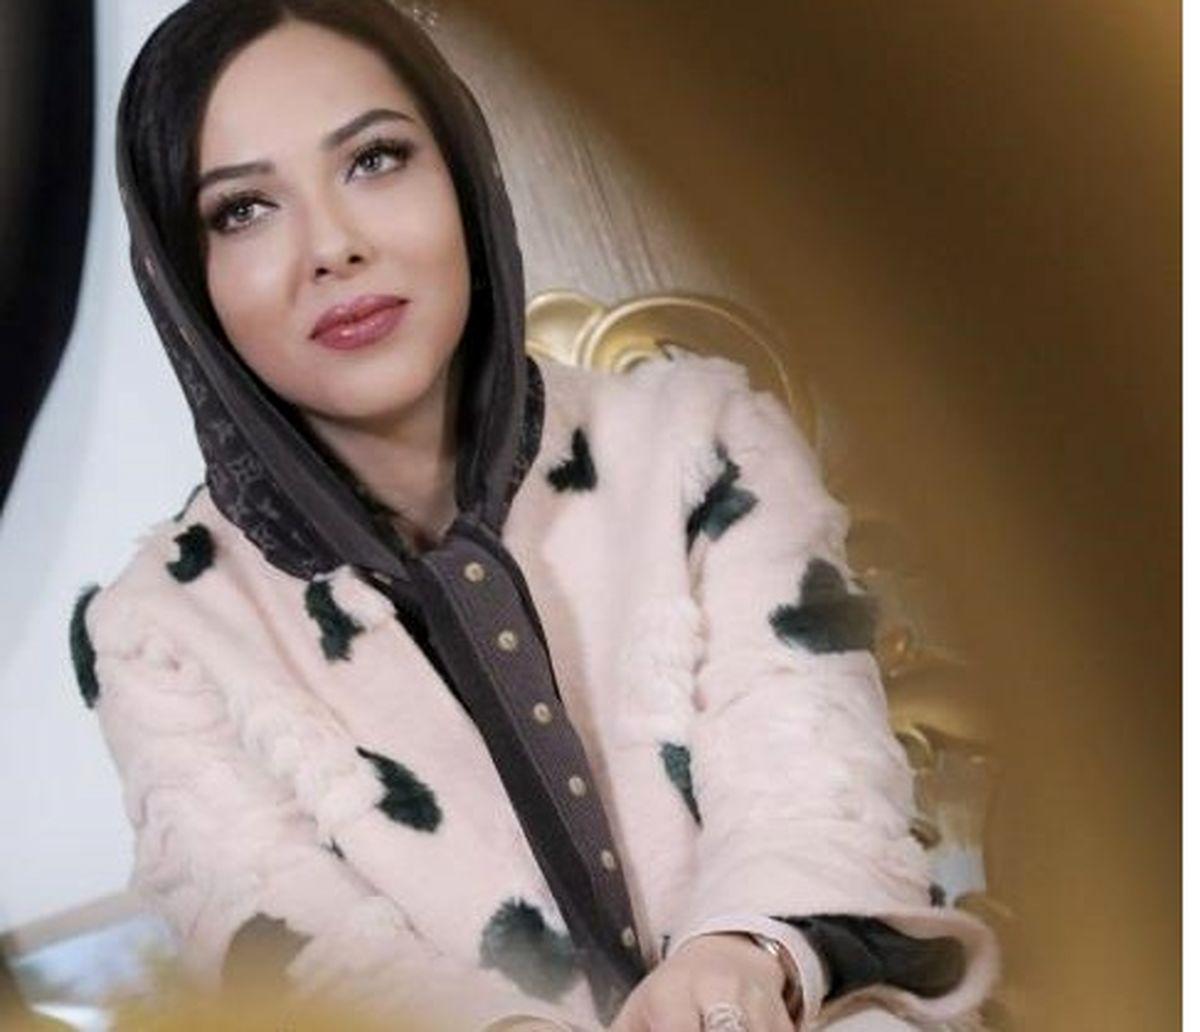 عکس دیده نشده از لیلا اوتادی بر سر سفره عقد/ شباهت جالب اوتادی و خواهرش